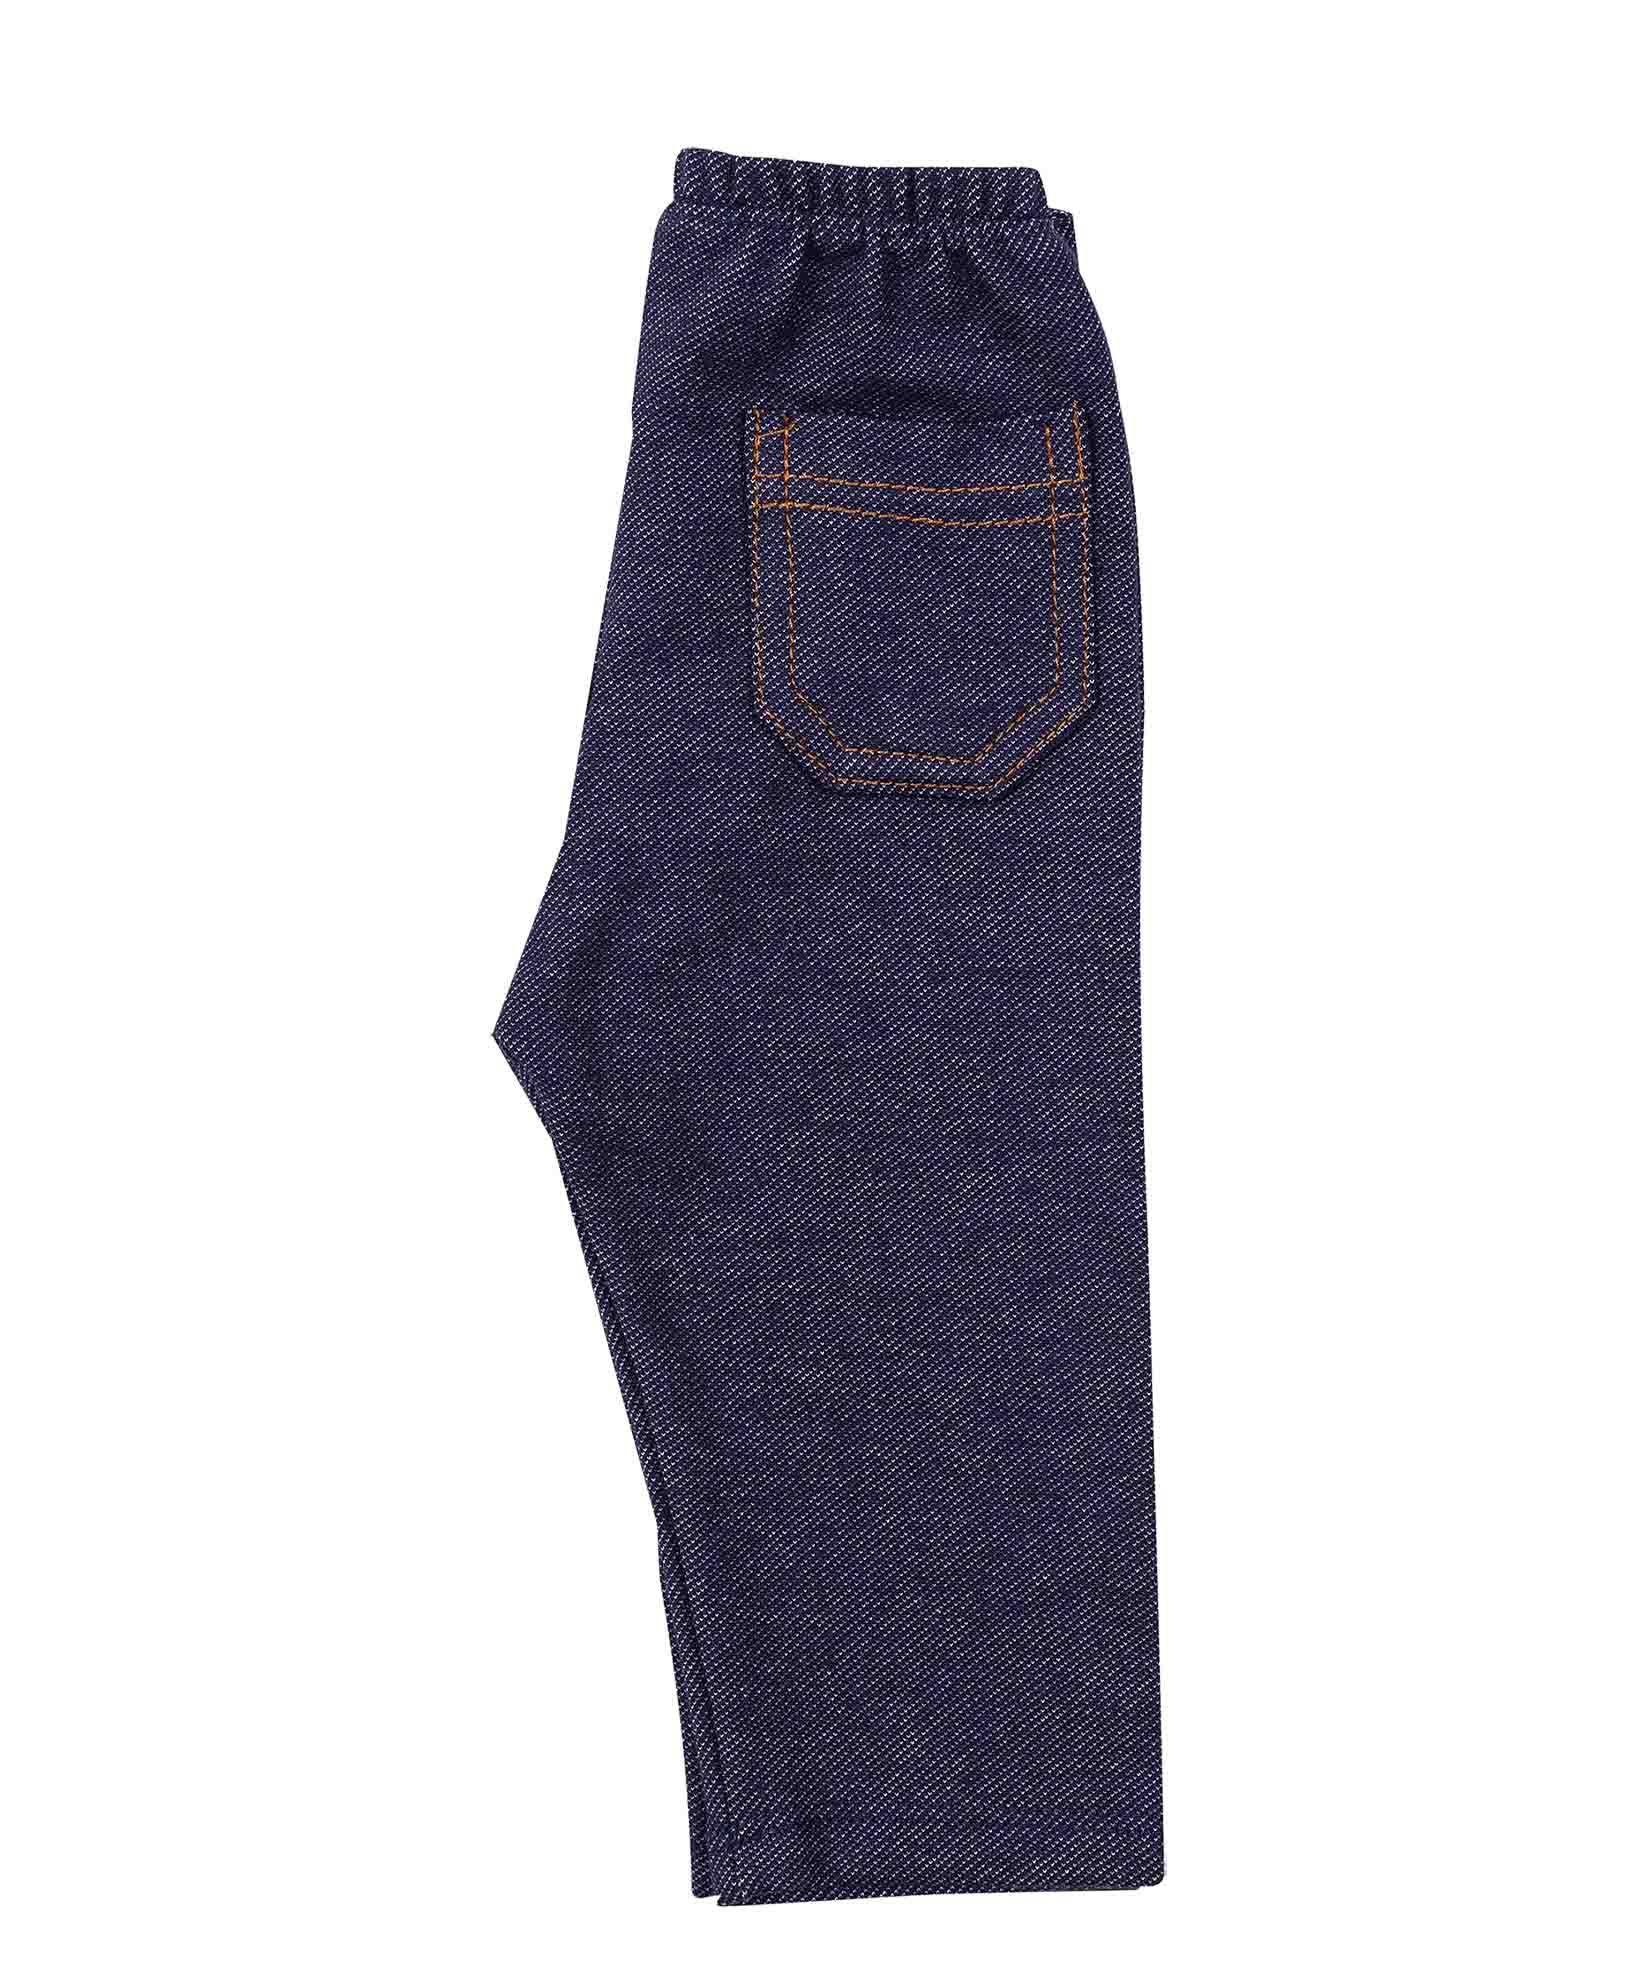 Calça Infantil Jeans Coquelicot  com Bolso